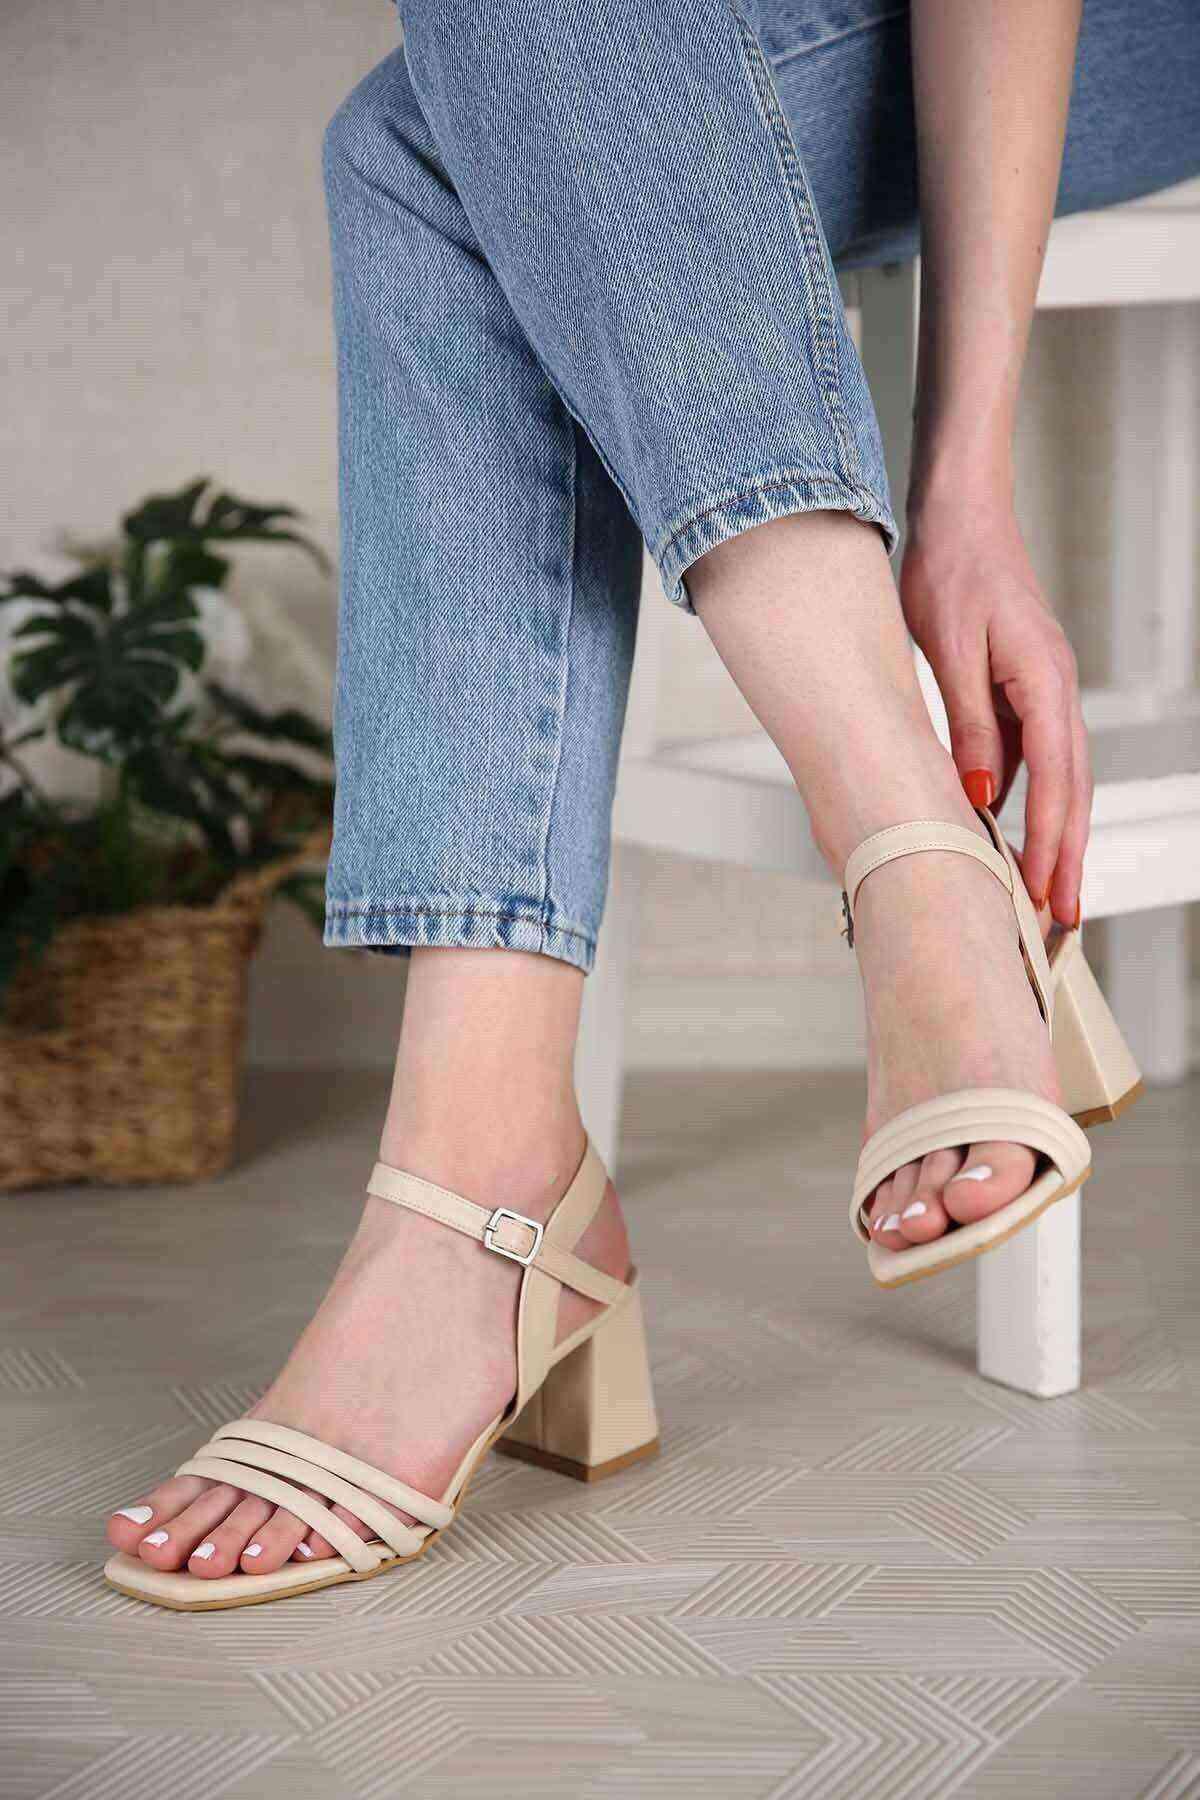 Krem 3 Bant Bilekten Bağlı Kadın Topuklu Ayakkabı